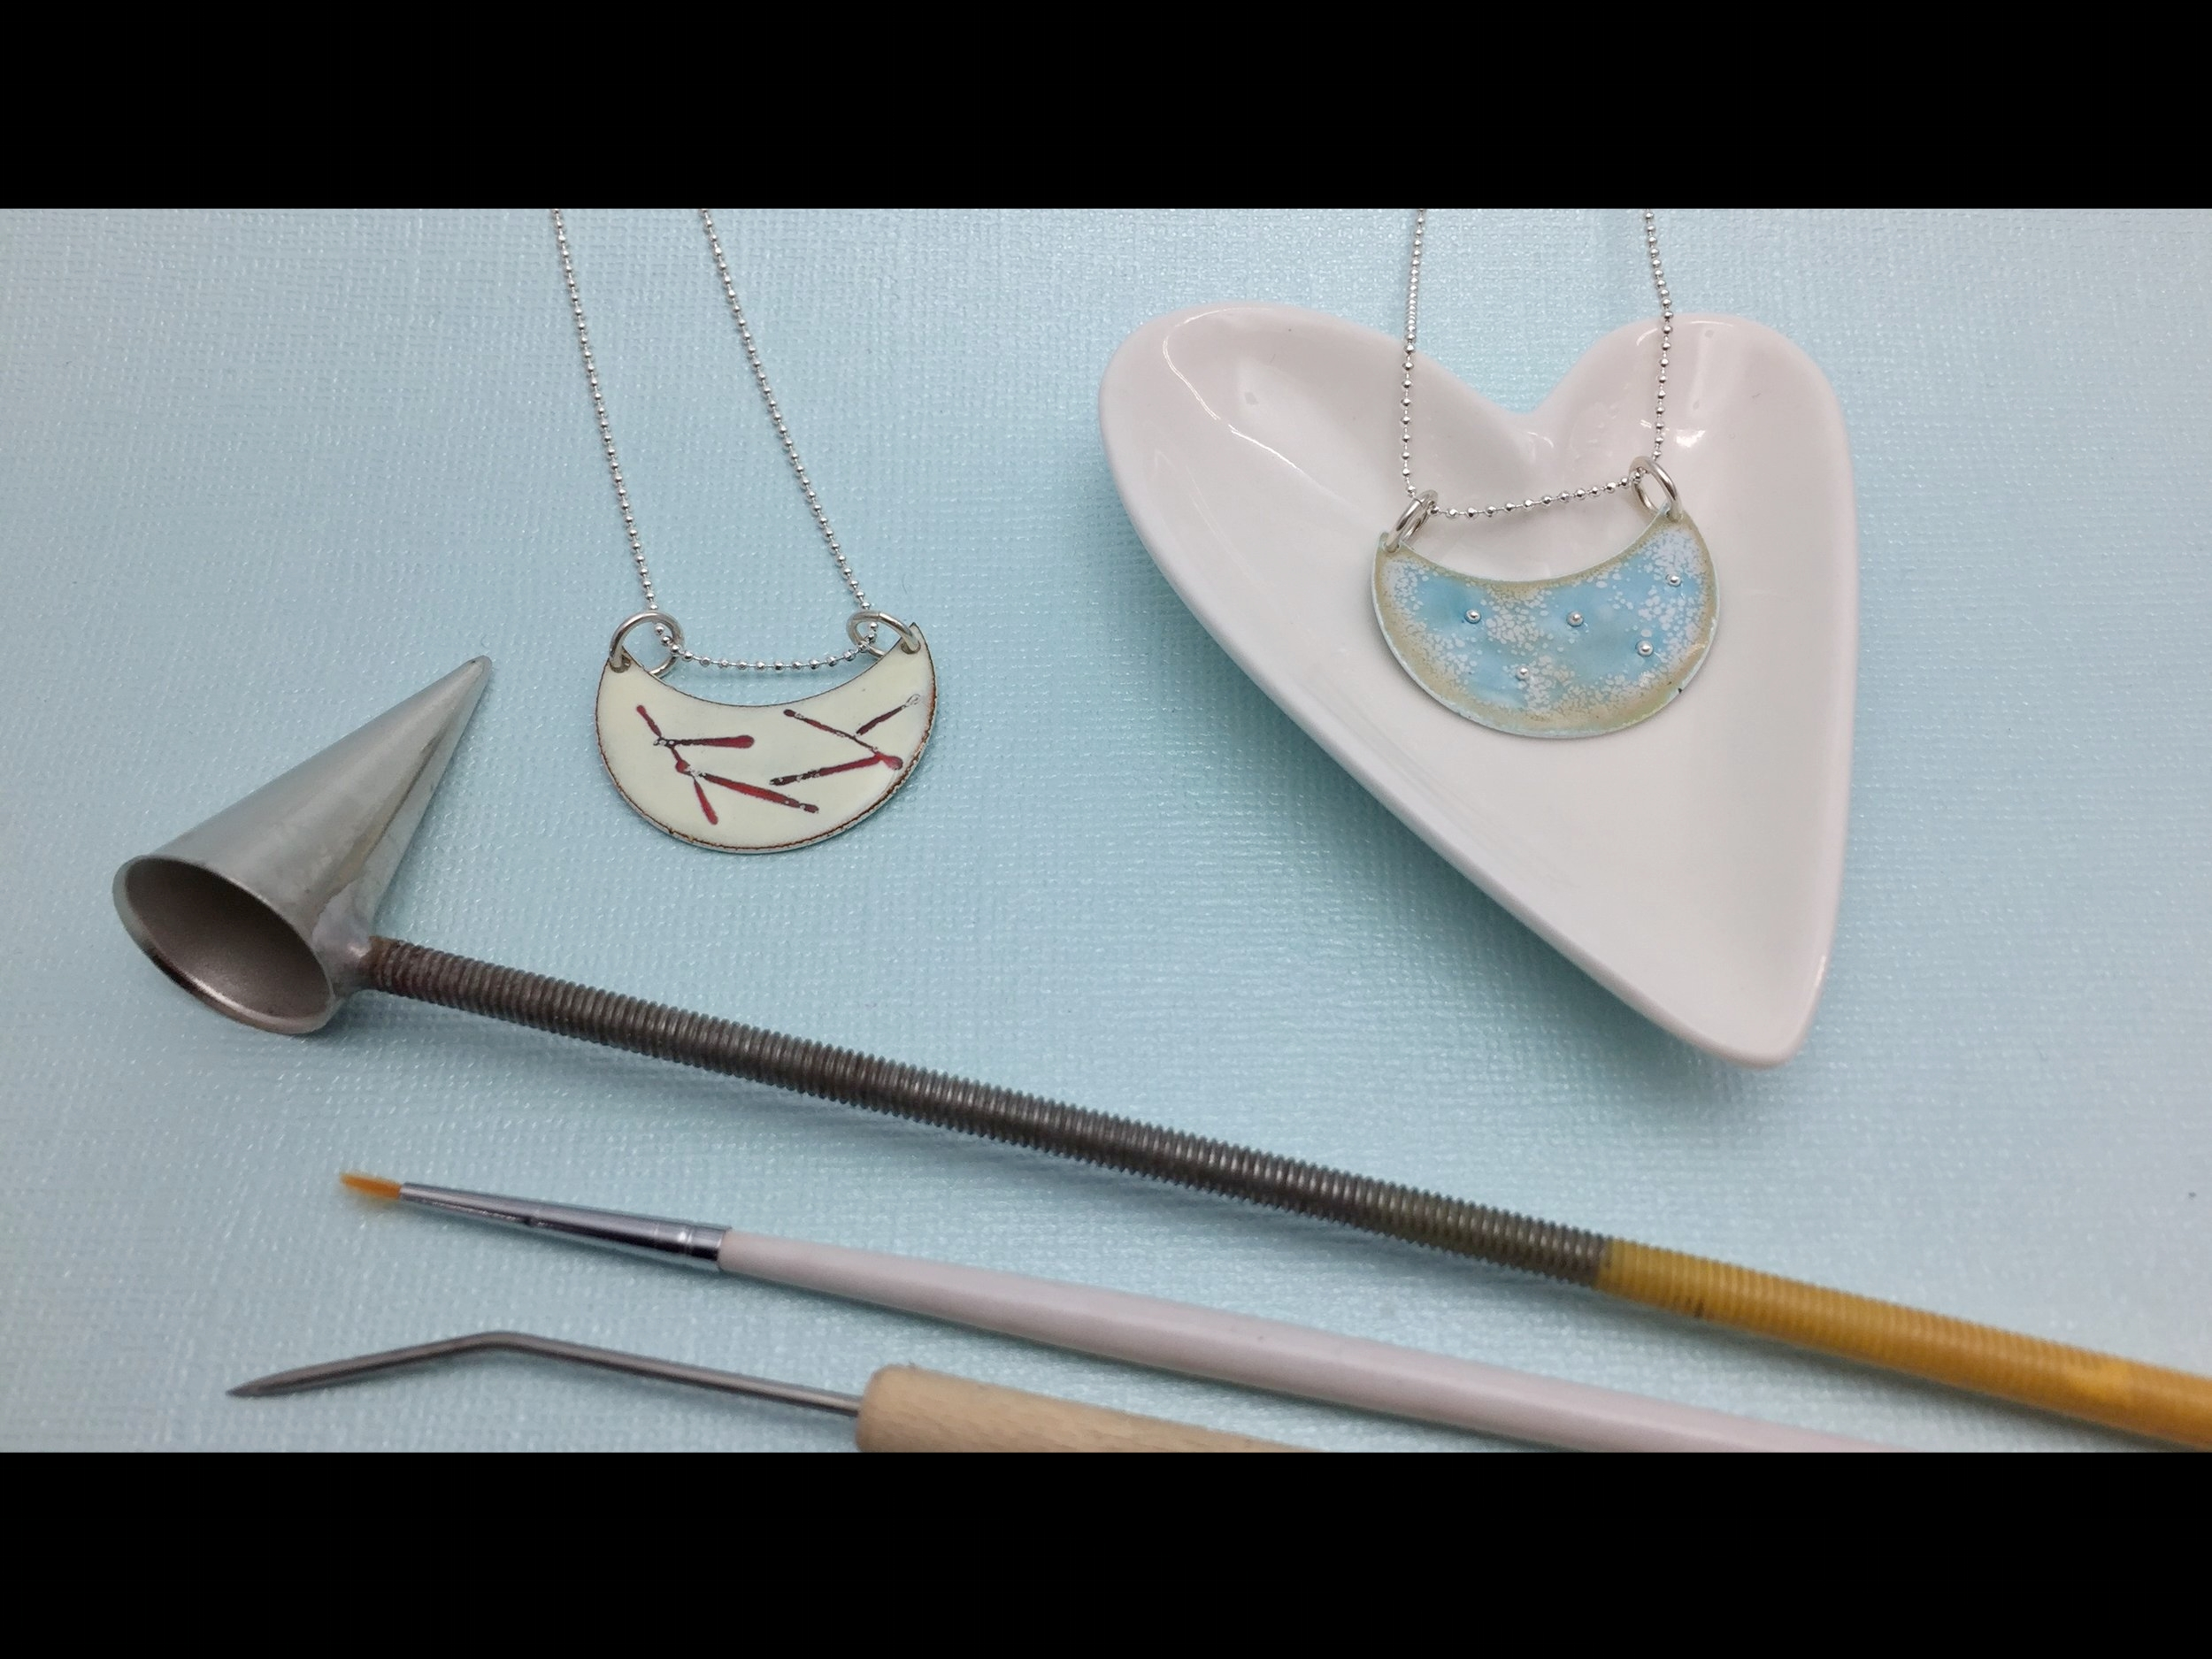 jewelry_workshop_asheville.jpg